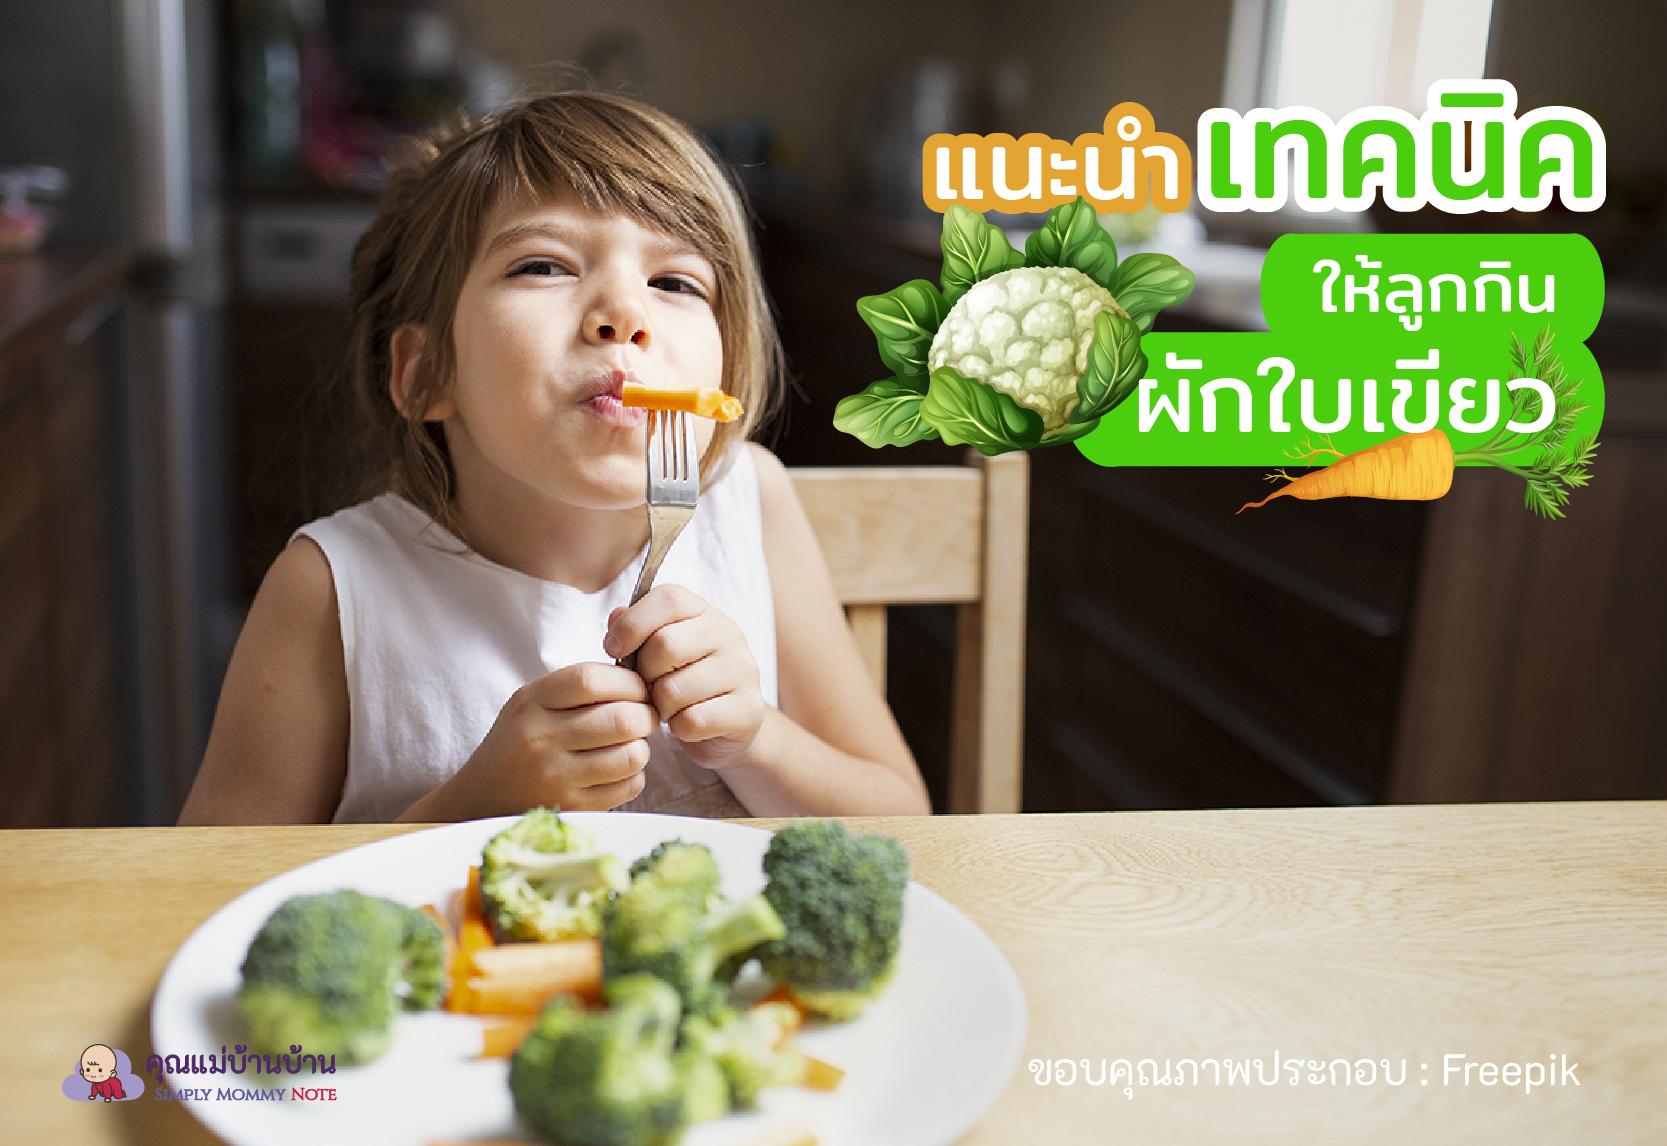 เทคนิคฝึกลูกกินผักใบเขียว